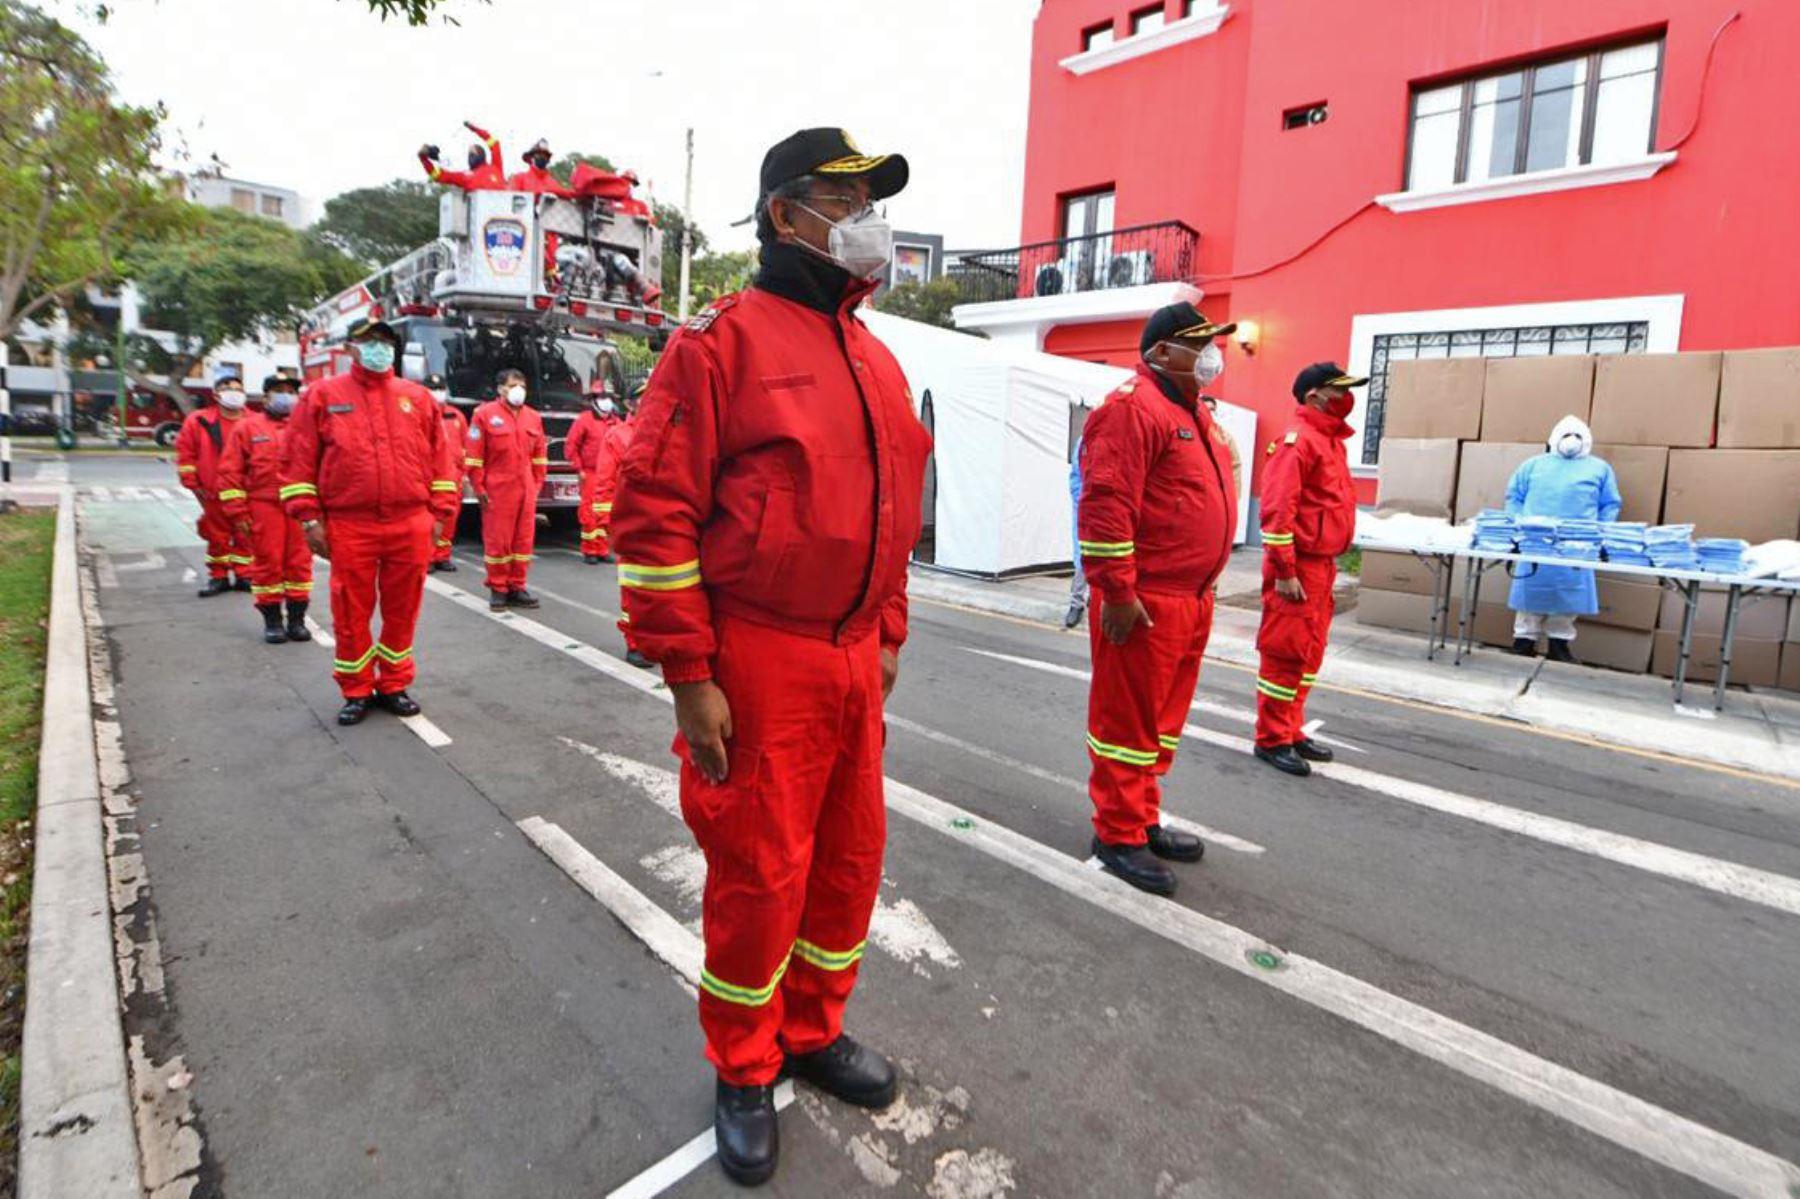 ¡Héroes! Bomberos atendieron más de 15 mil emergencias durante cuarentena